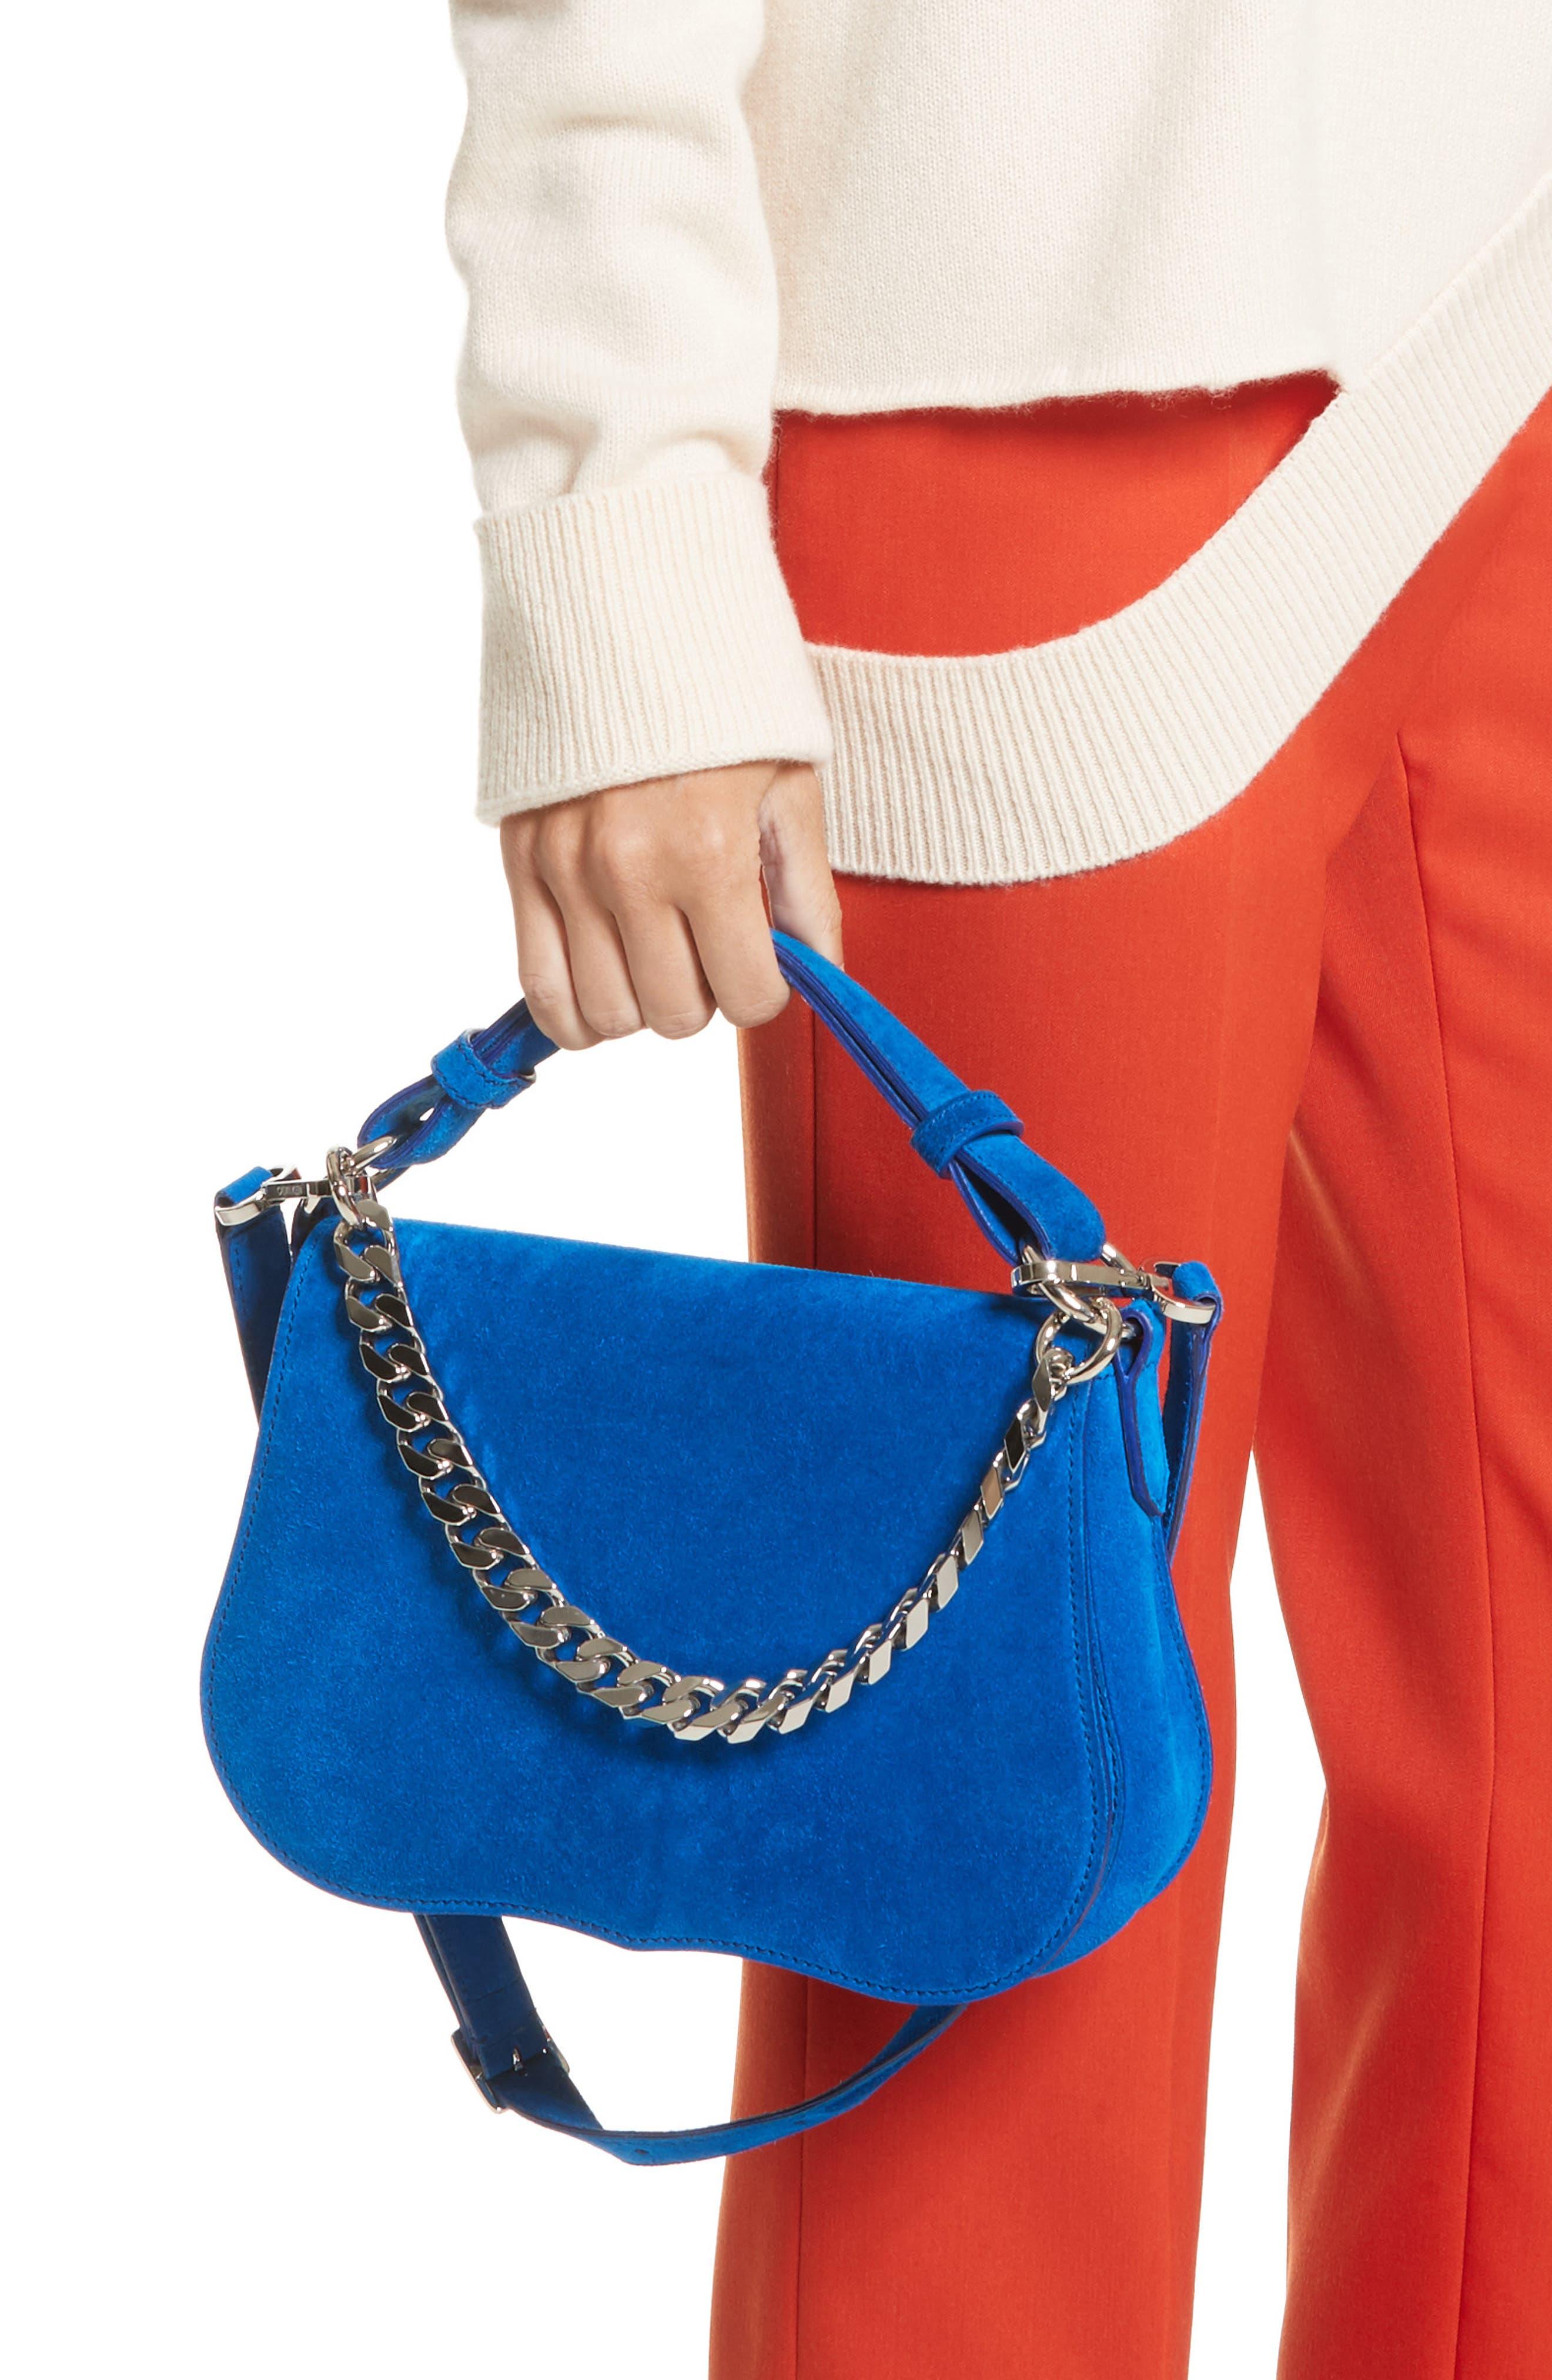 Small Suede Shoulder Bag,                             Alternate thumbnail 7, color,                             Lapis